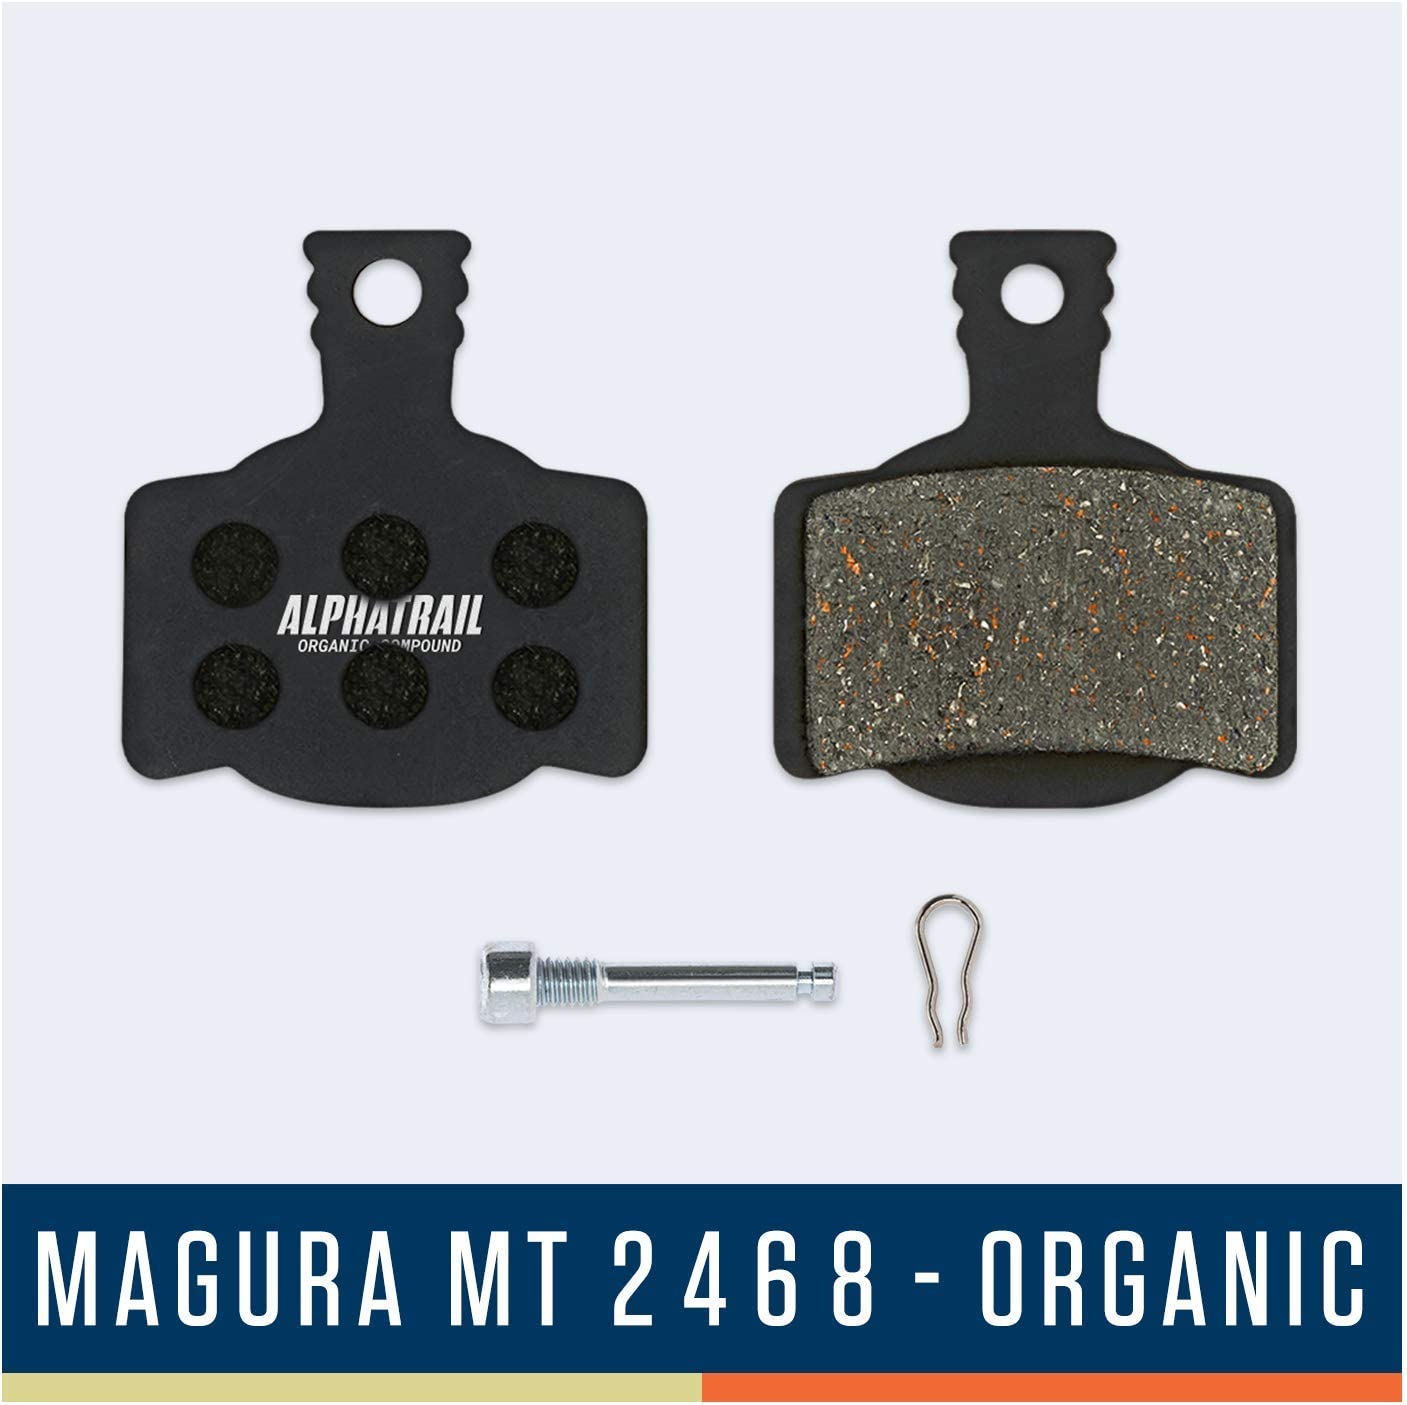 Alphatrail Plaquettes de Frein Magura Typ 7 MT2-8 I Organique /& Fritt/é VTT Plaquette de Frein avec Un Kilom/étrage /élev/é I 100/% Parfait pour Magura MT2 MT4 MT6 MT8 MTS